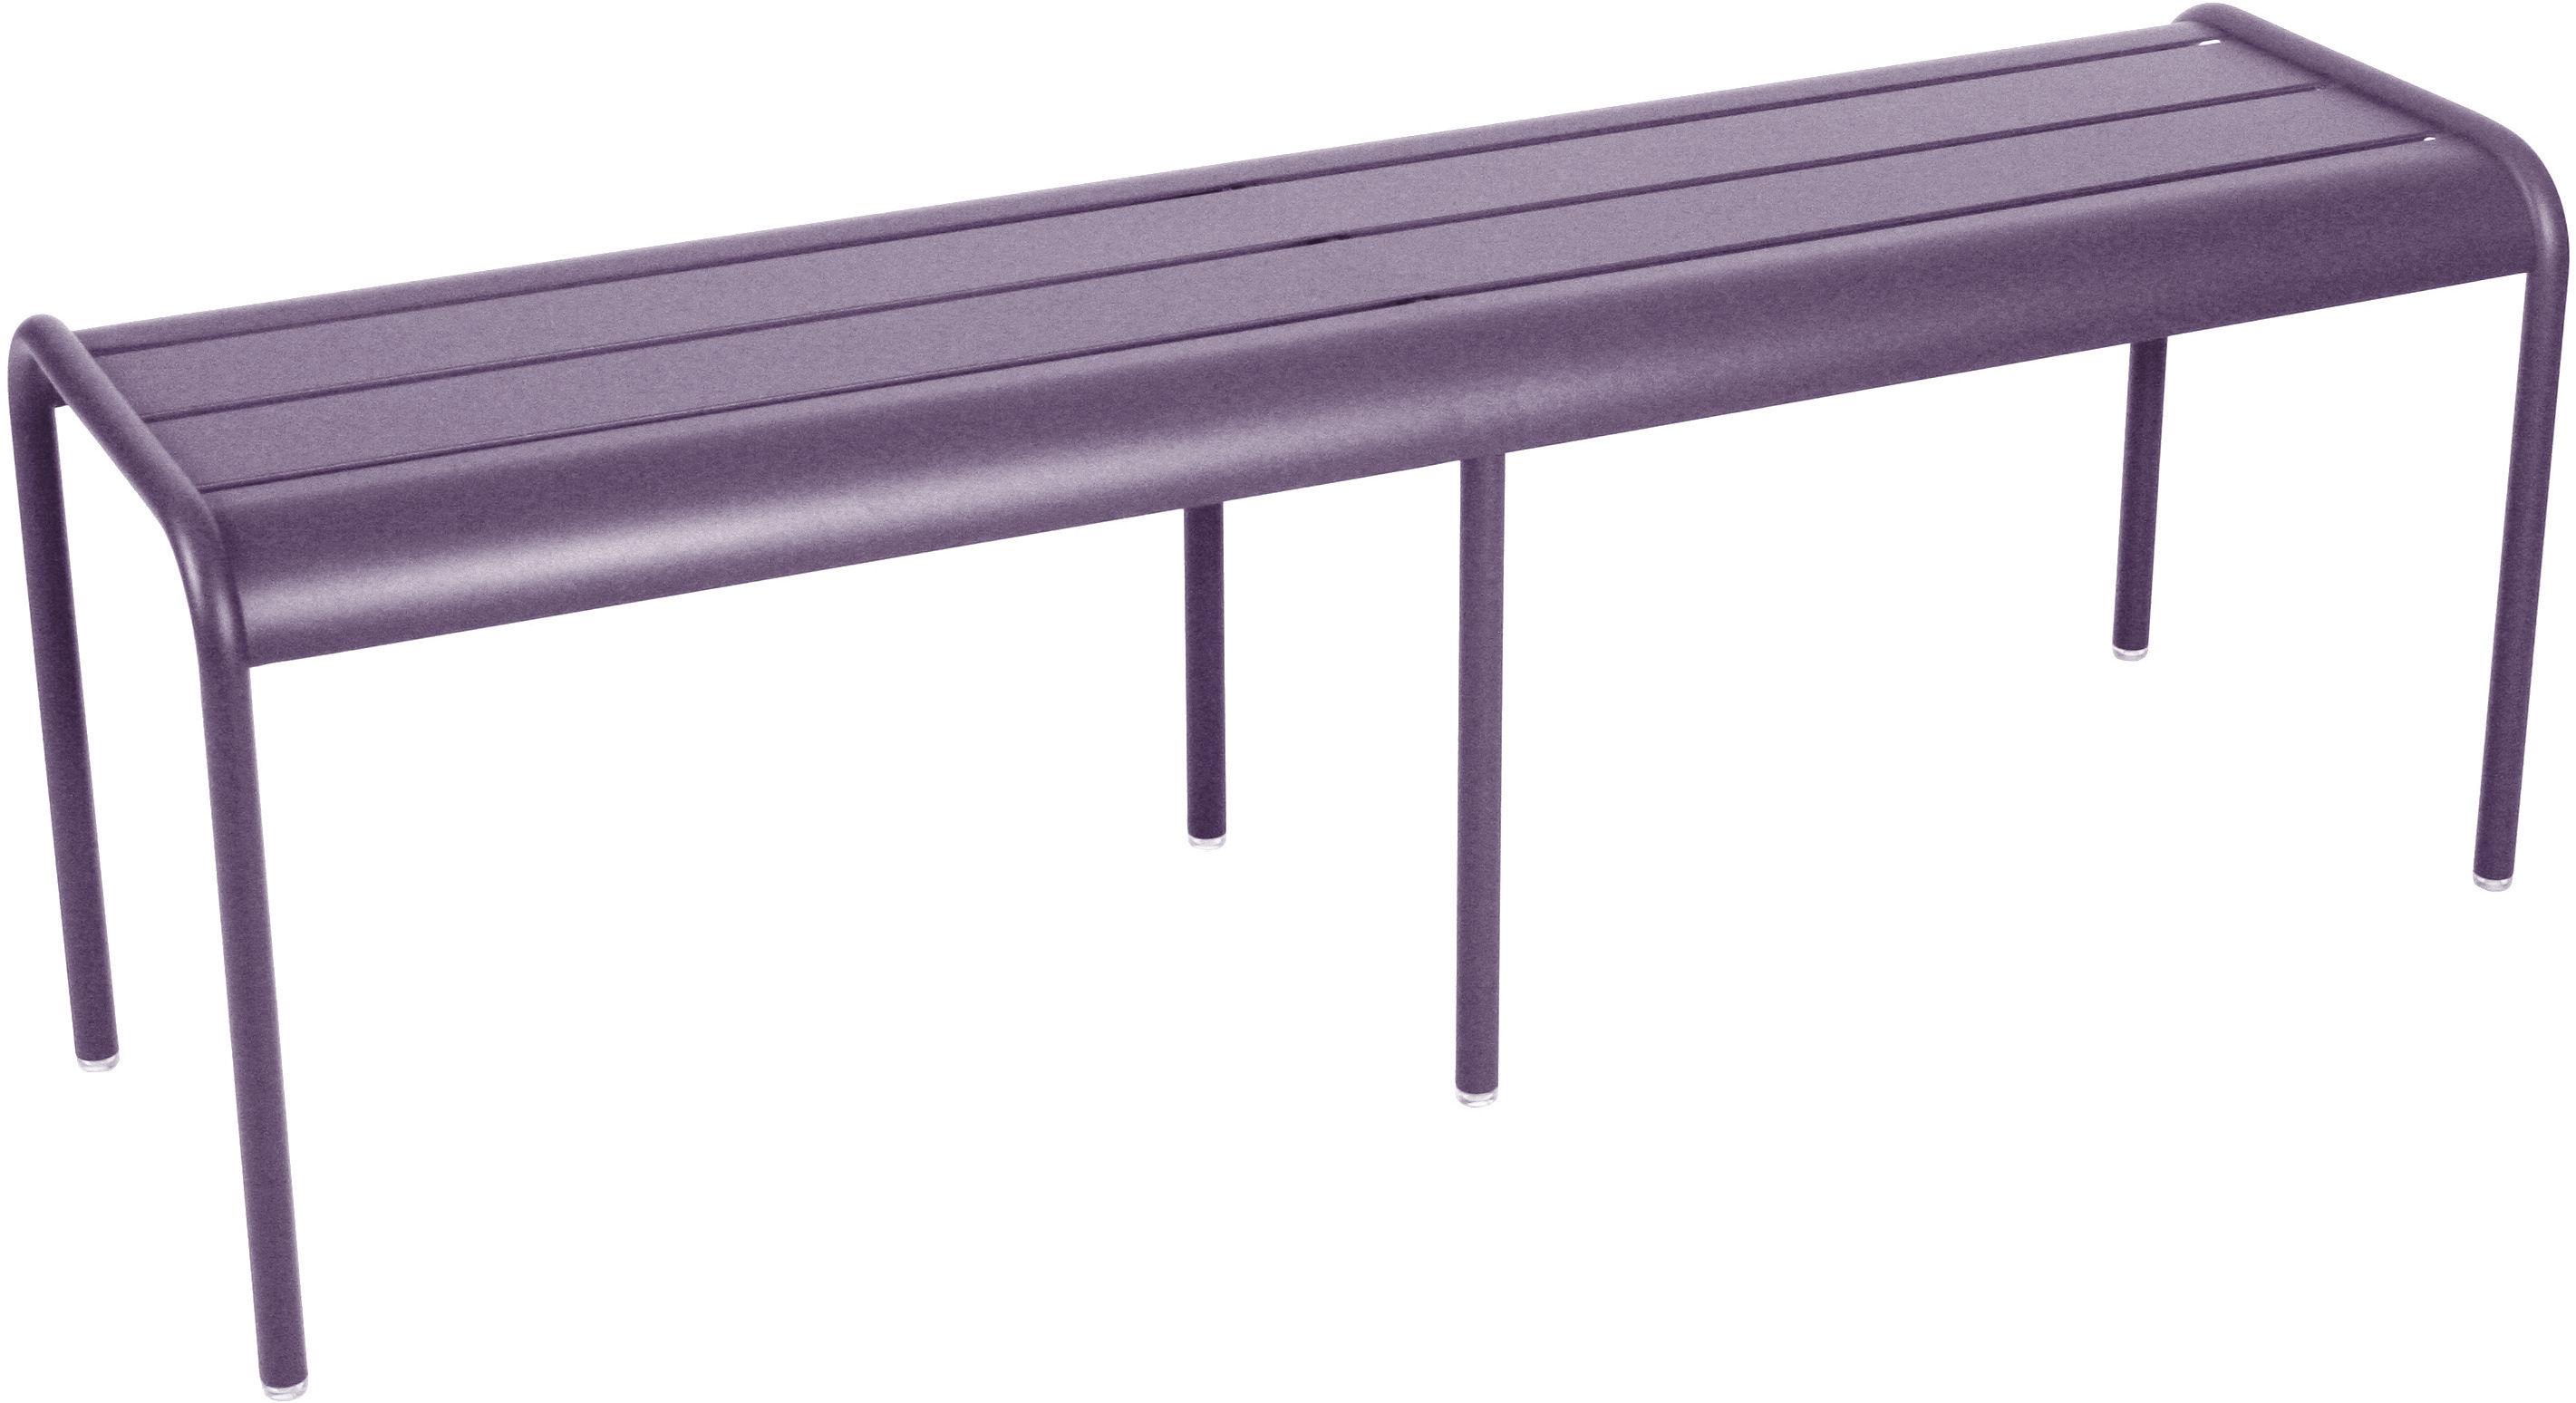 Life Style - Panchina Luxembourg - 3/4 posti / Senza schienale - L 145 cm di Fermob - Prugna - Alluminio laccato